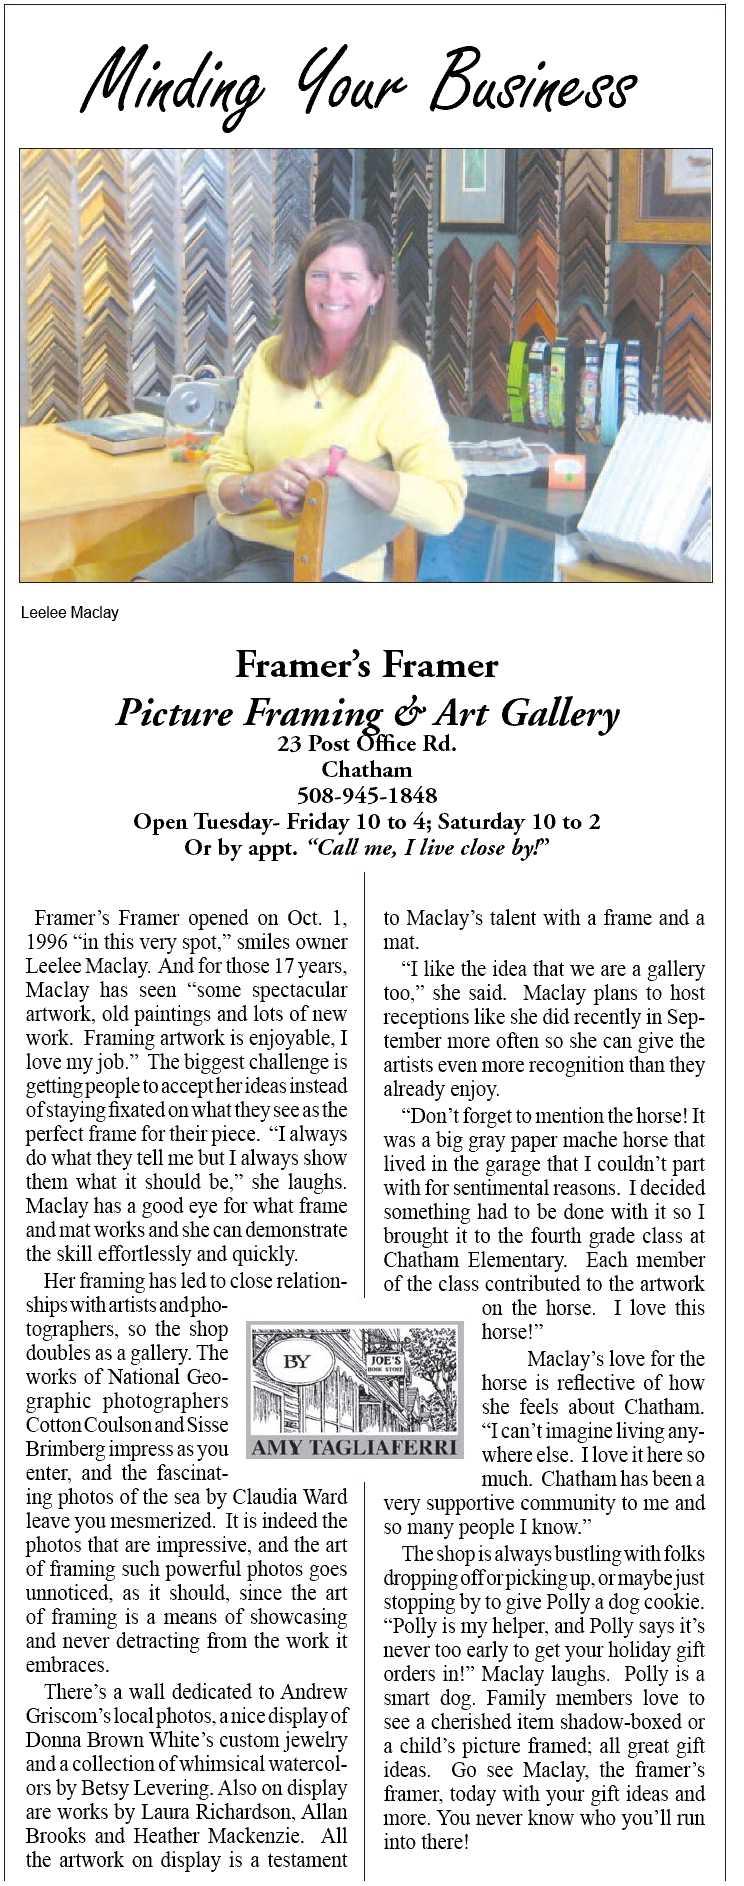 Framer's Framer article